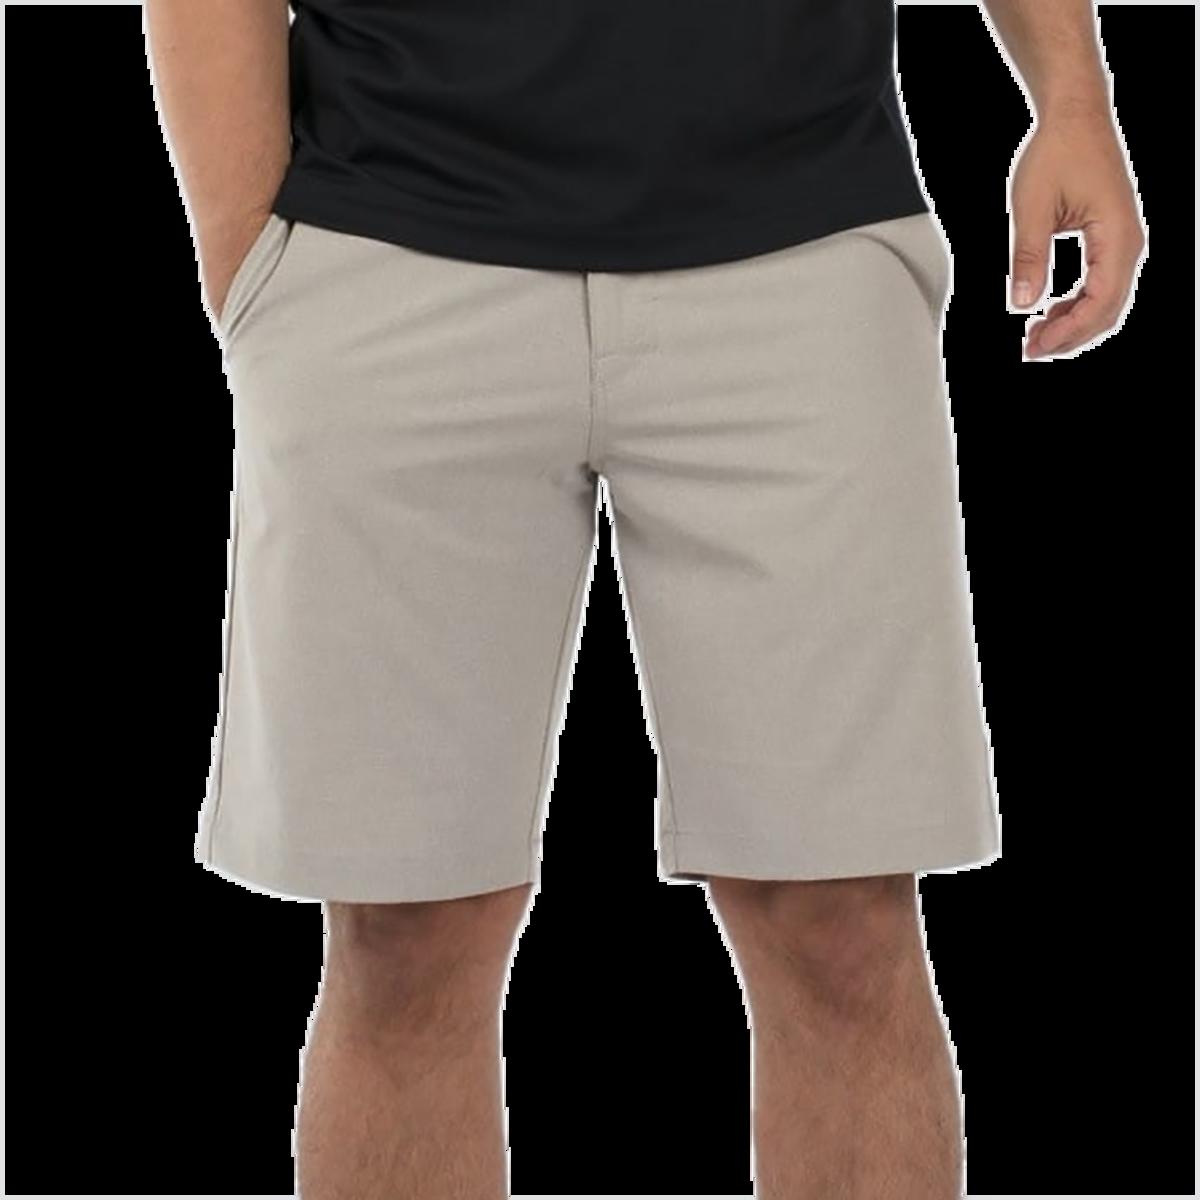 travismathew beck short